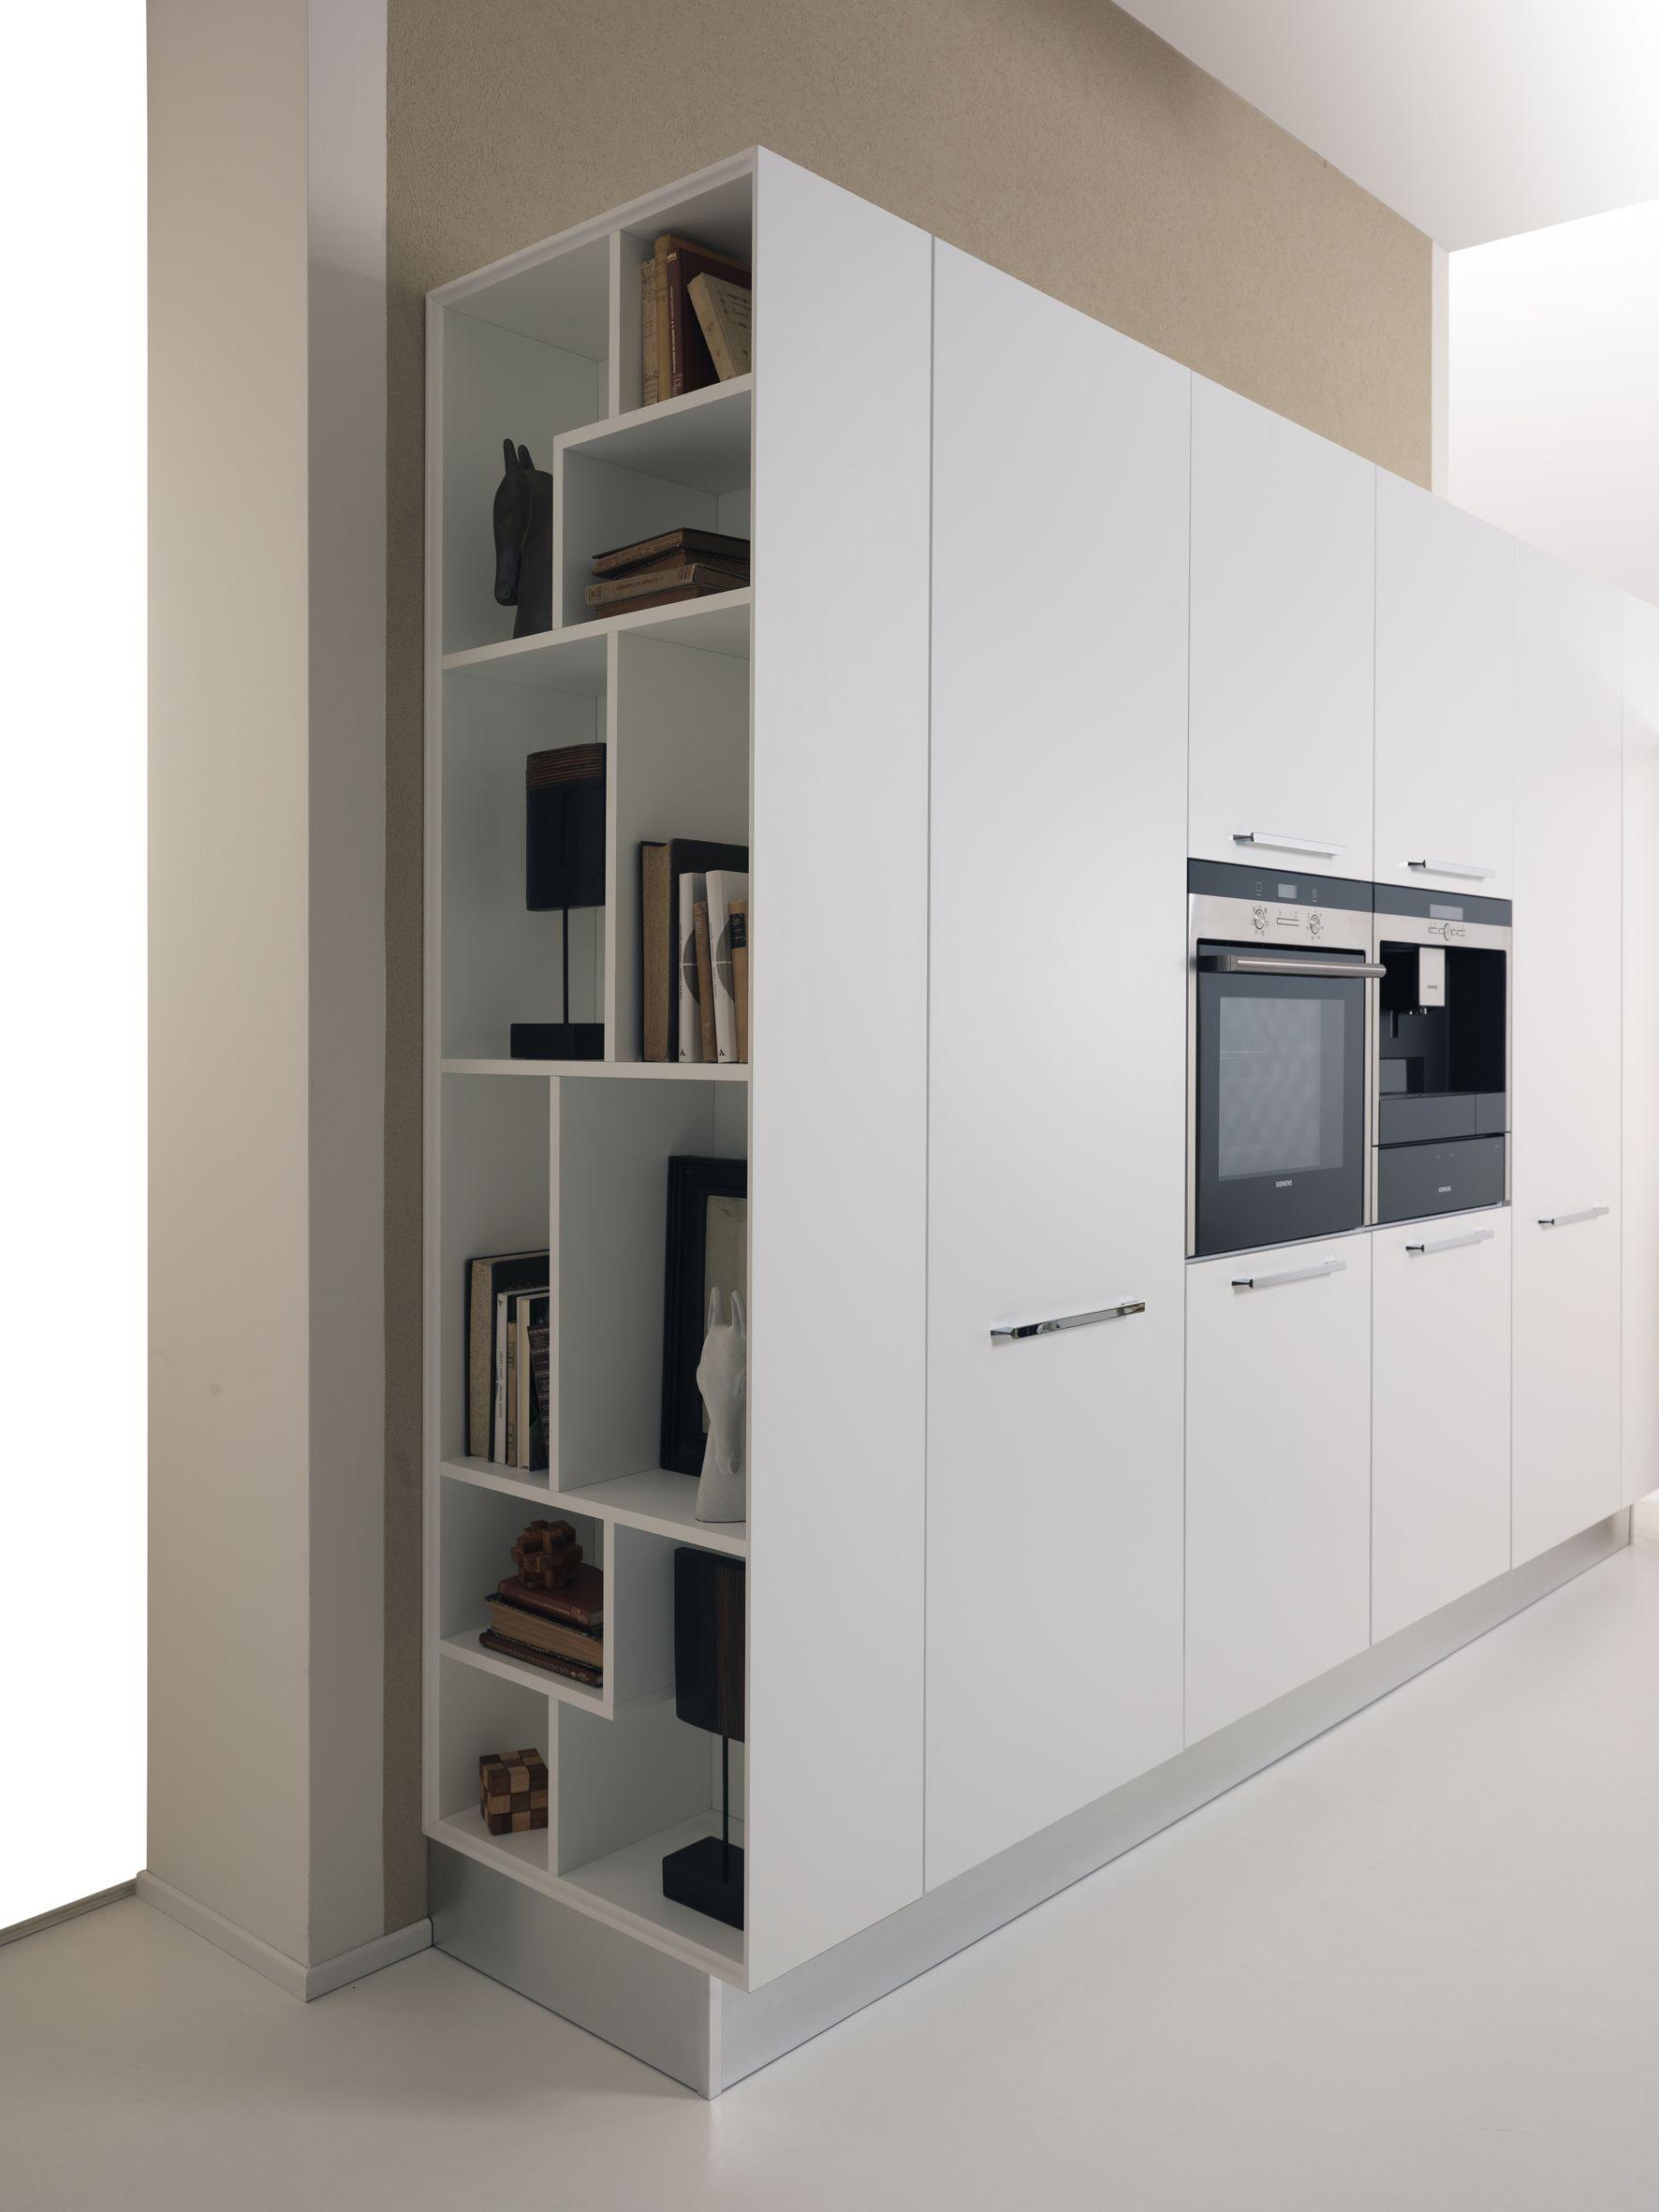 designer cabinets Kitchen Pinterest